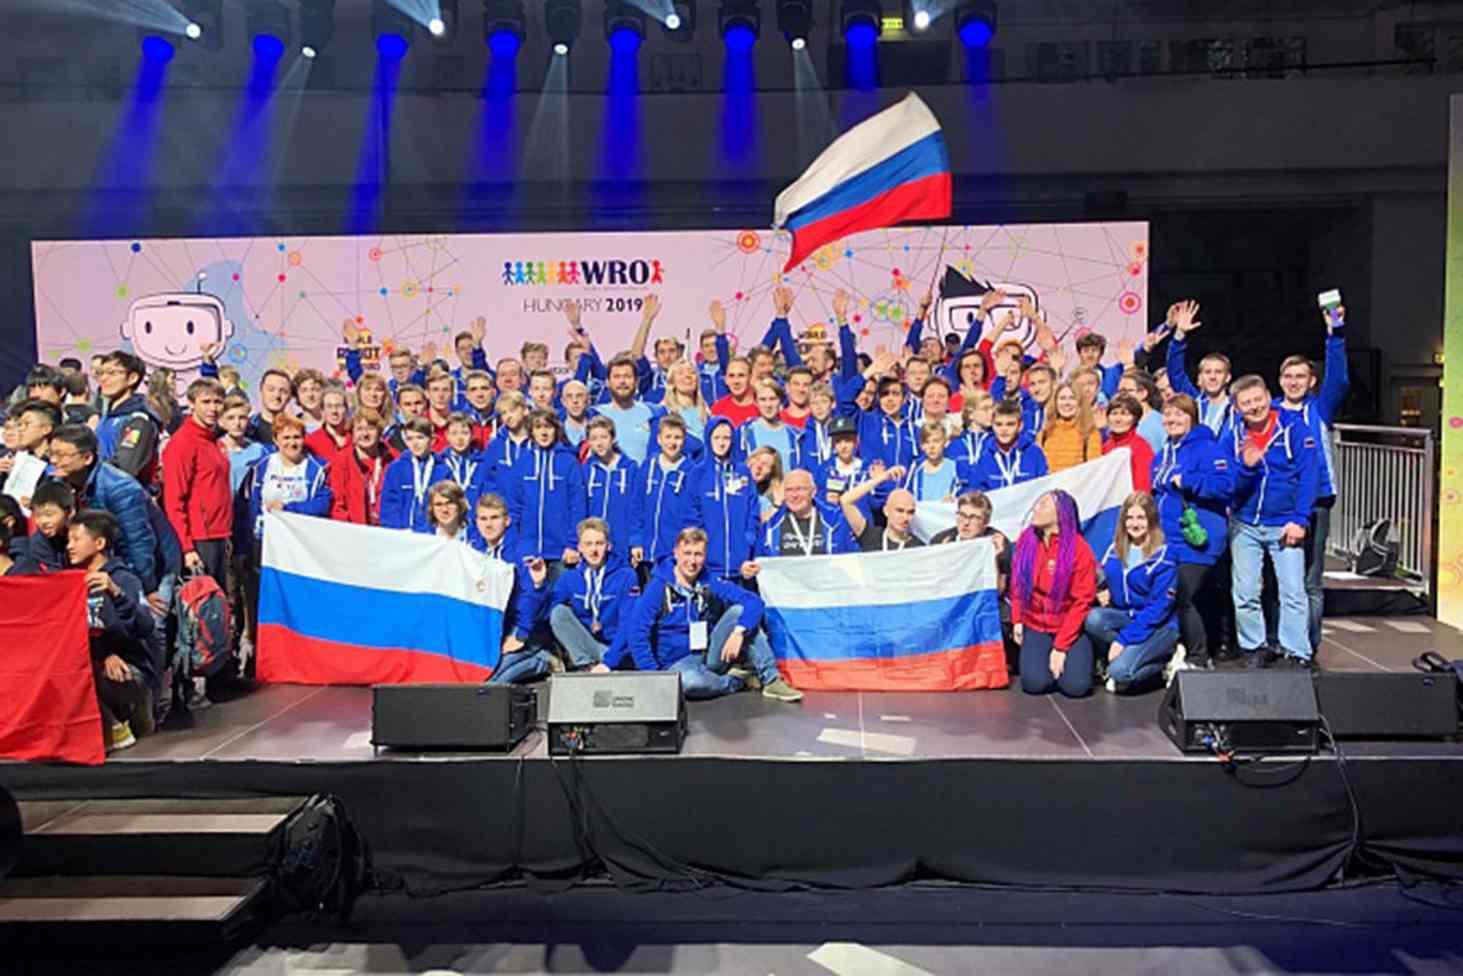 rossijskie-shkolniki-stali-absolyutnymi-pobeditelyami-na-vsemirnoj-olimpiade-po-robototehnikerossijskie-shkolniki-stali-absolyutnymi-pobeditelyami-na-vsemirnoj-olimpiade-po-robototehnike